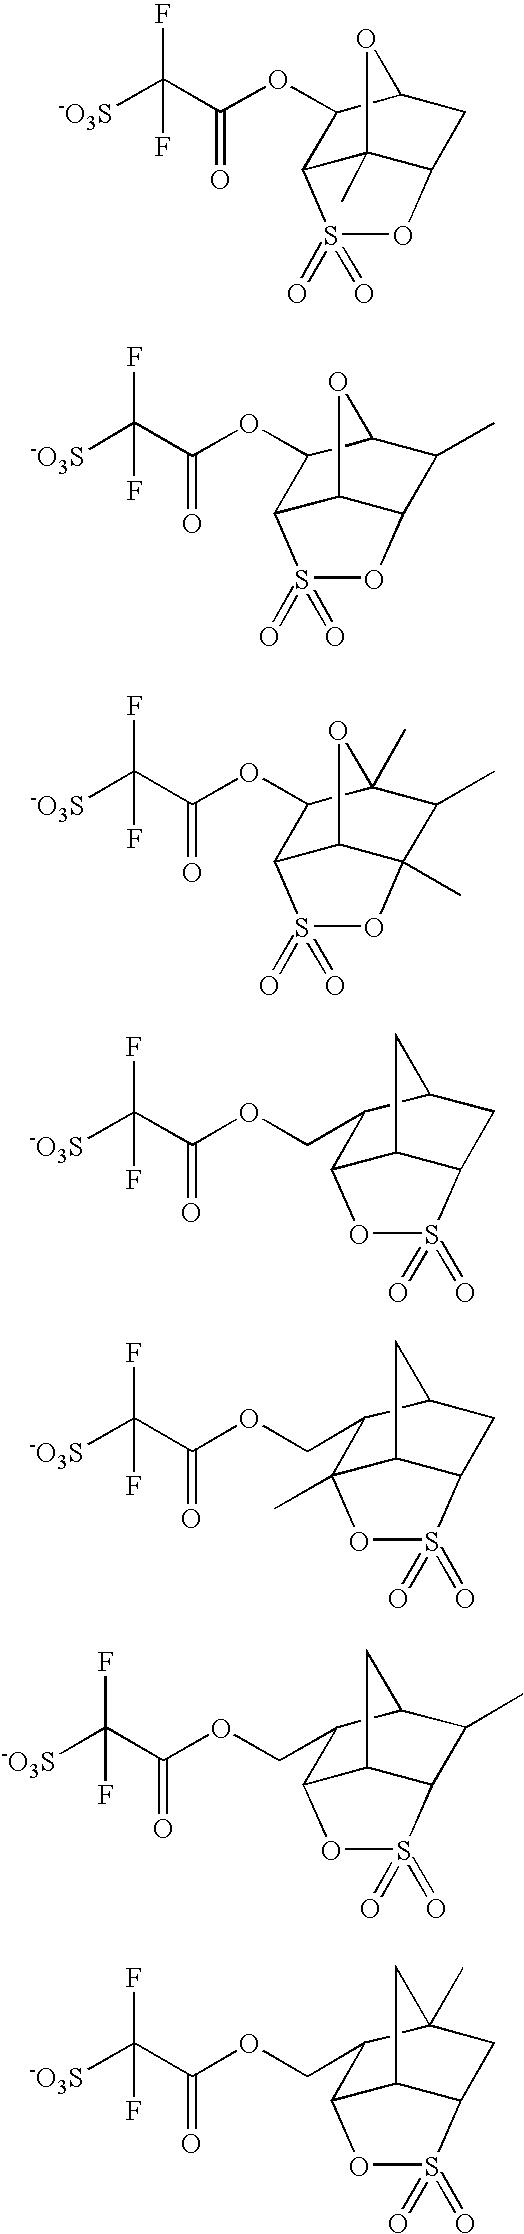 Figure US20100323296A1-20101223-C00107